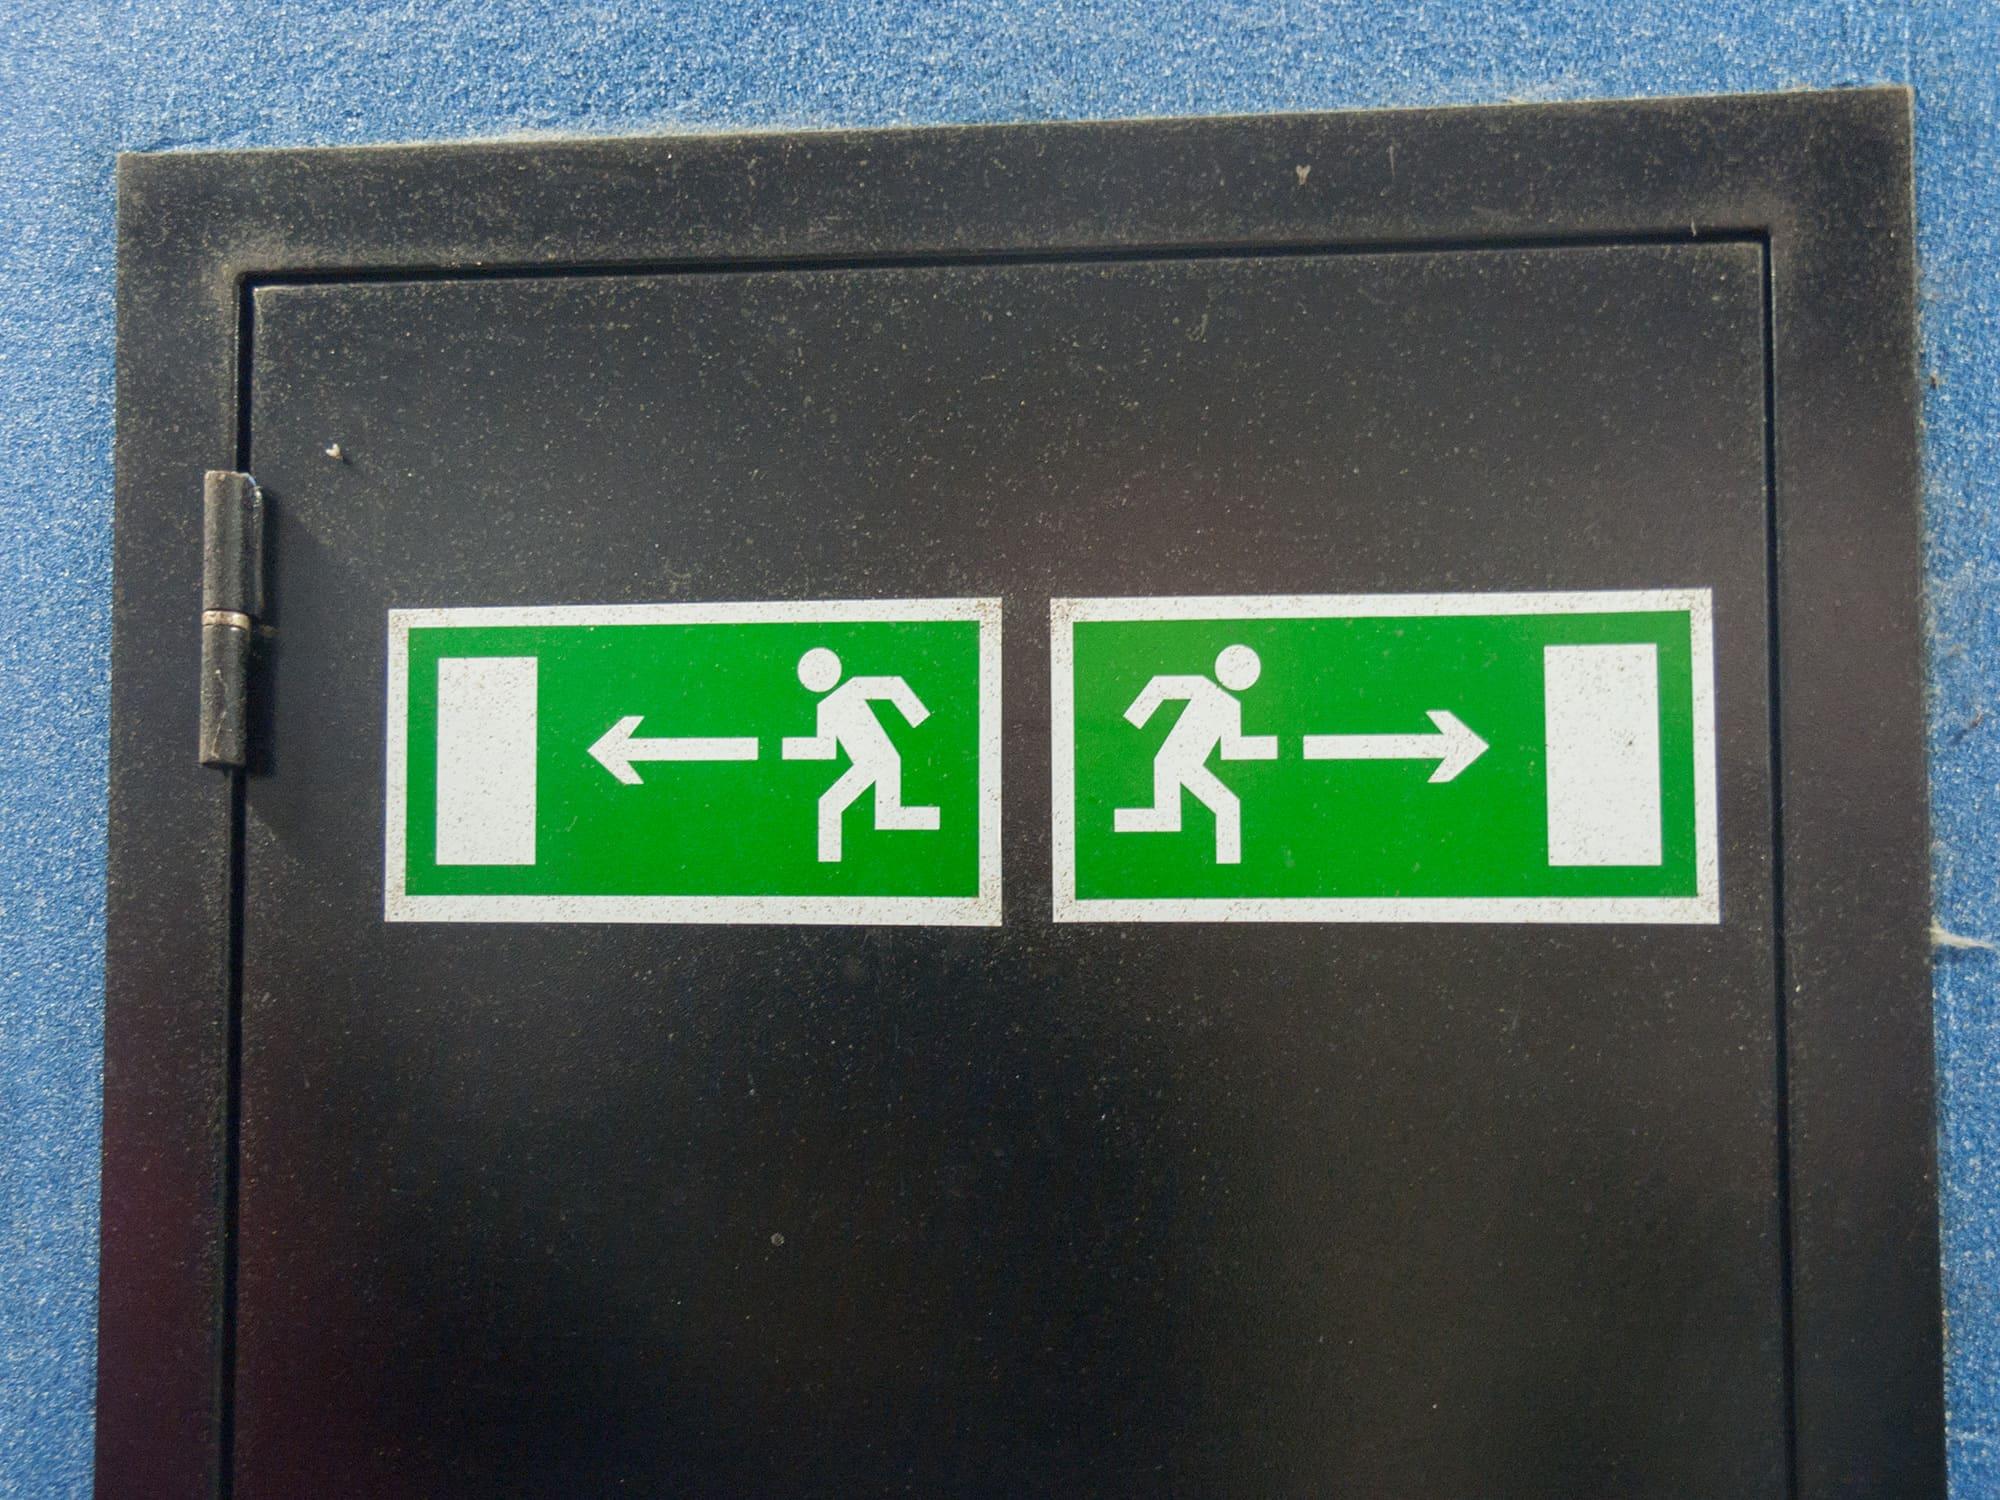 Пожарный выход налево направо